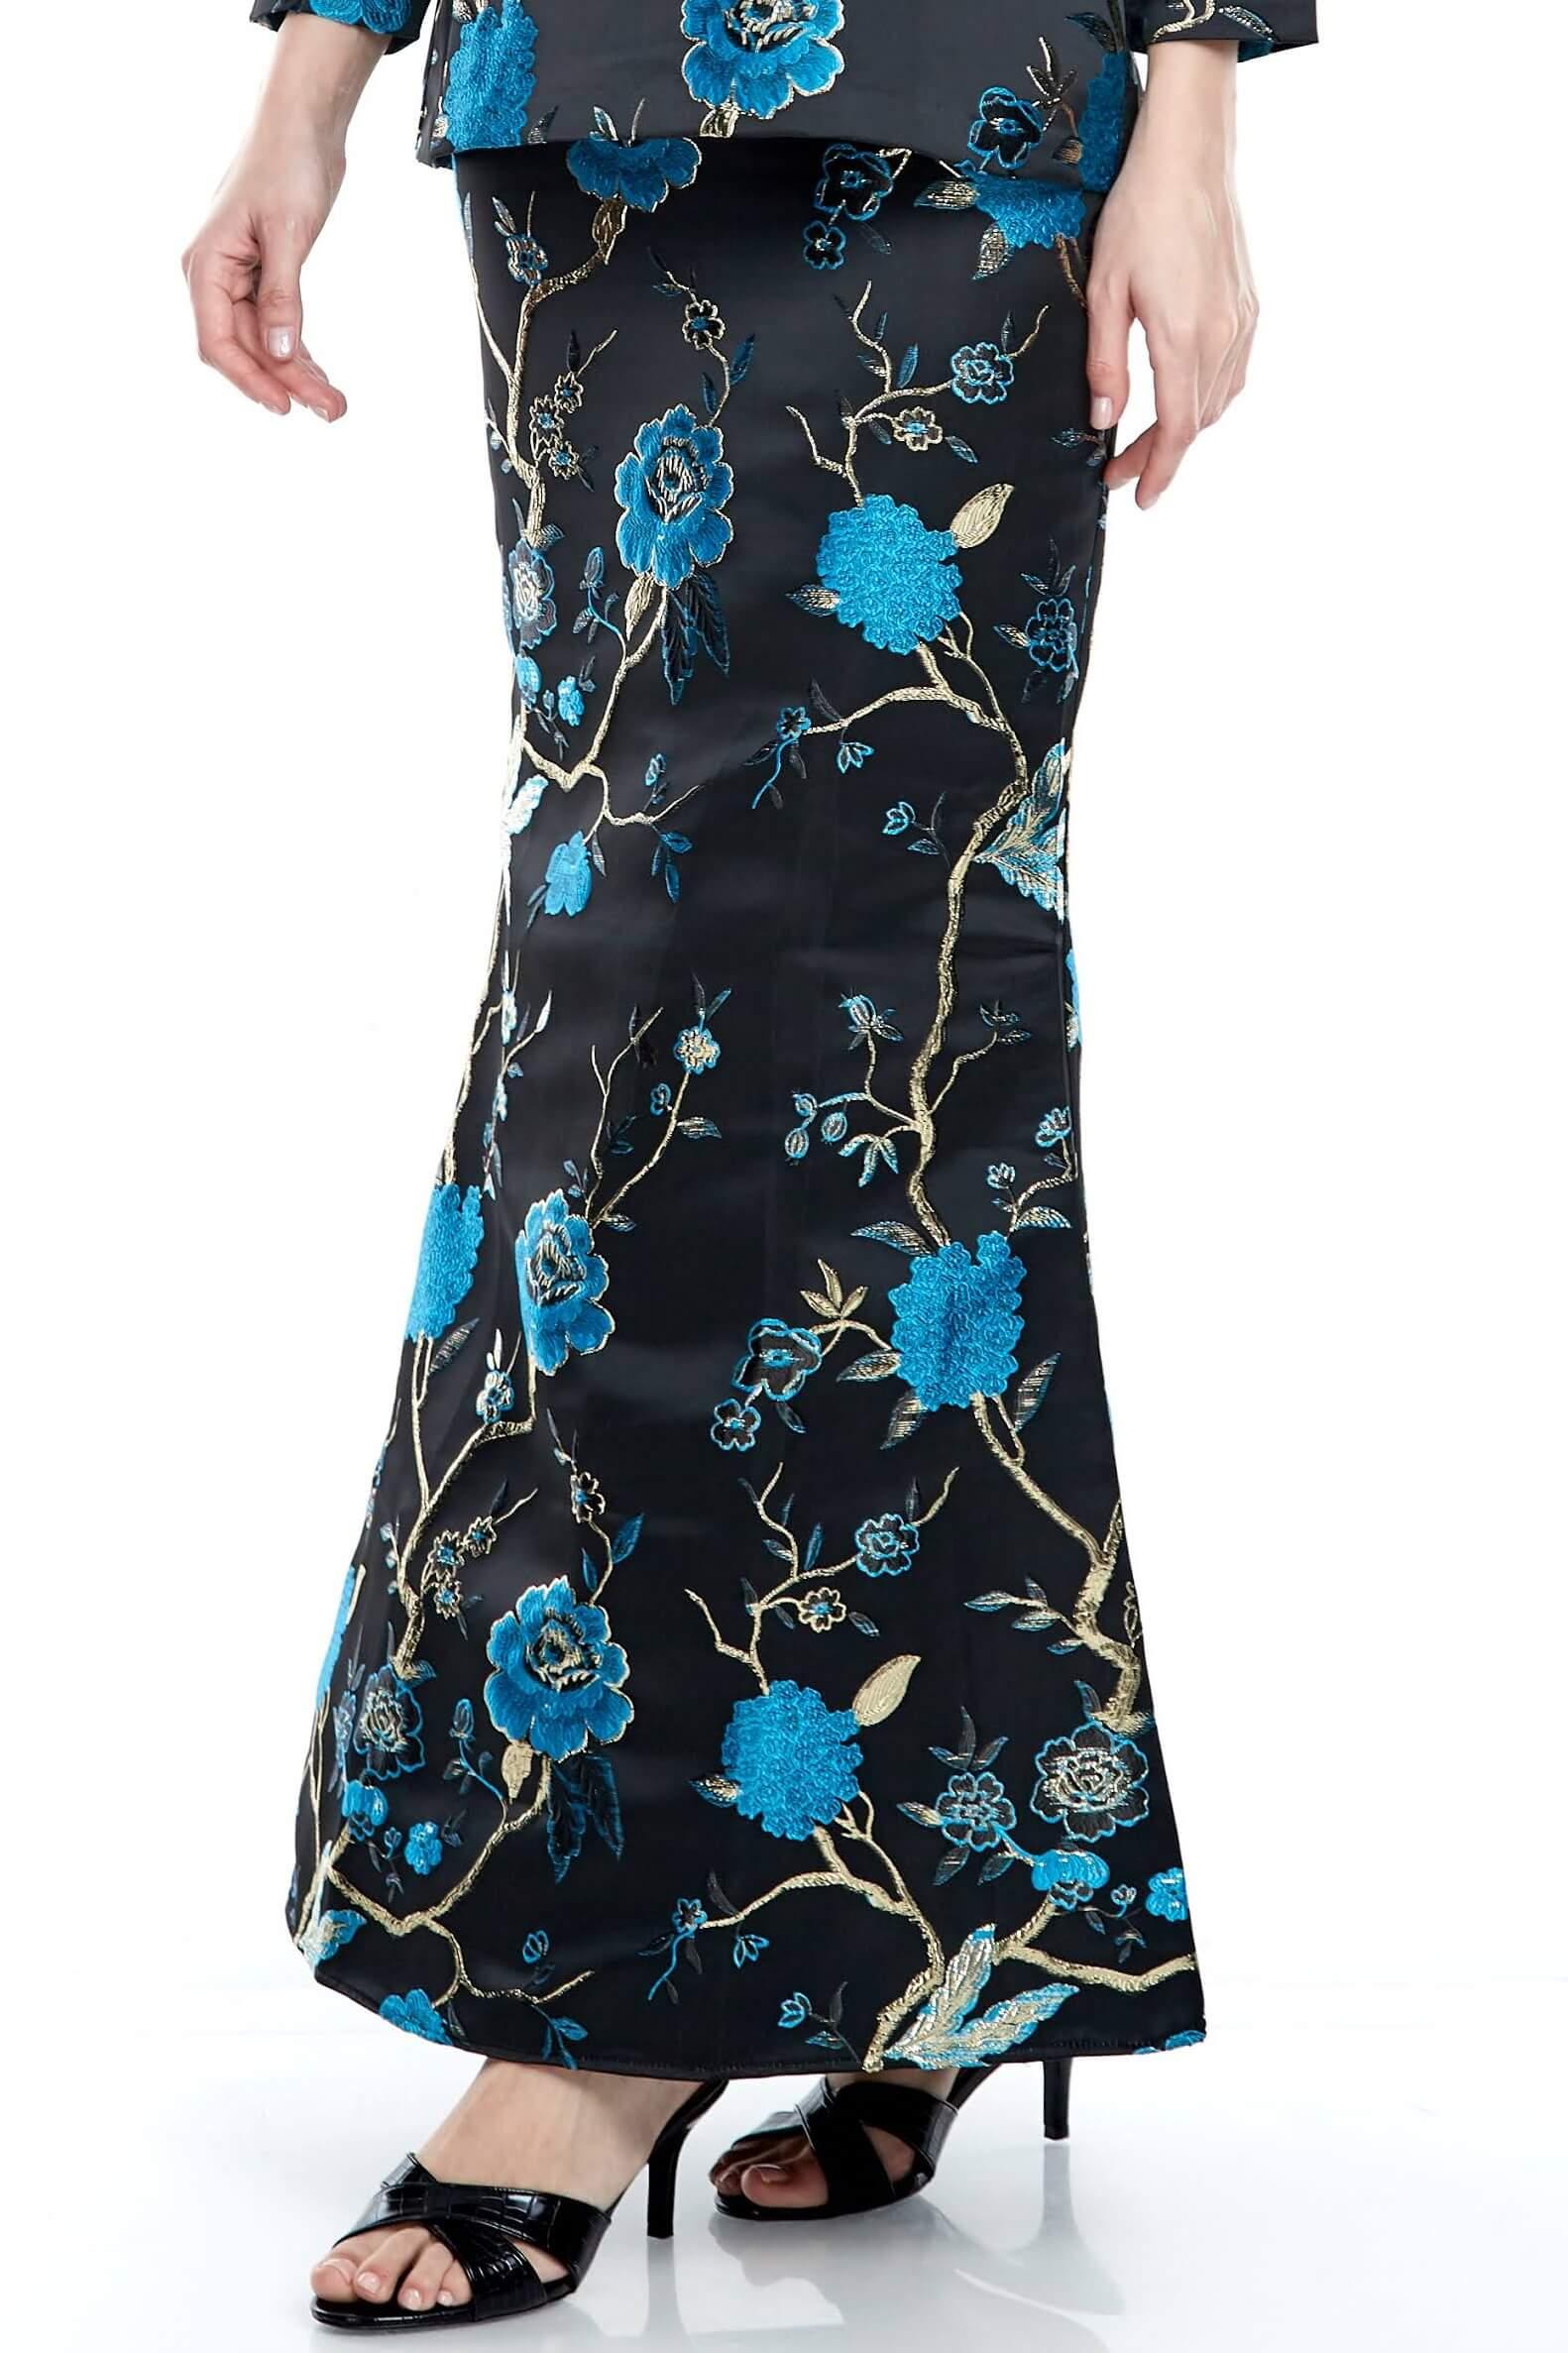 Black-Blue Floral Mermaid Skirt (4)